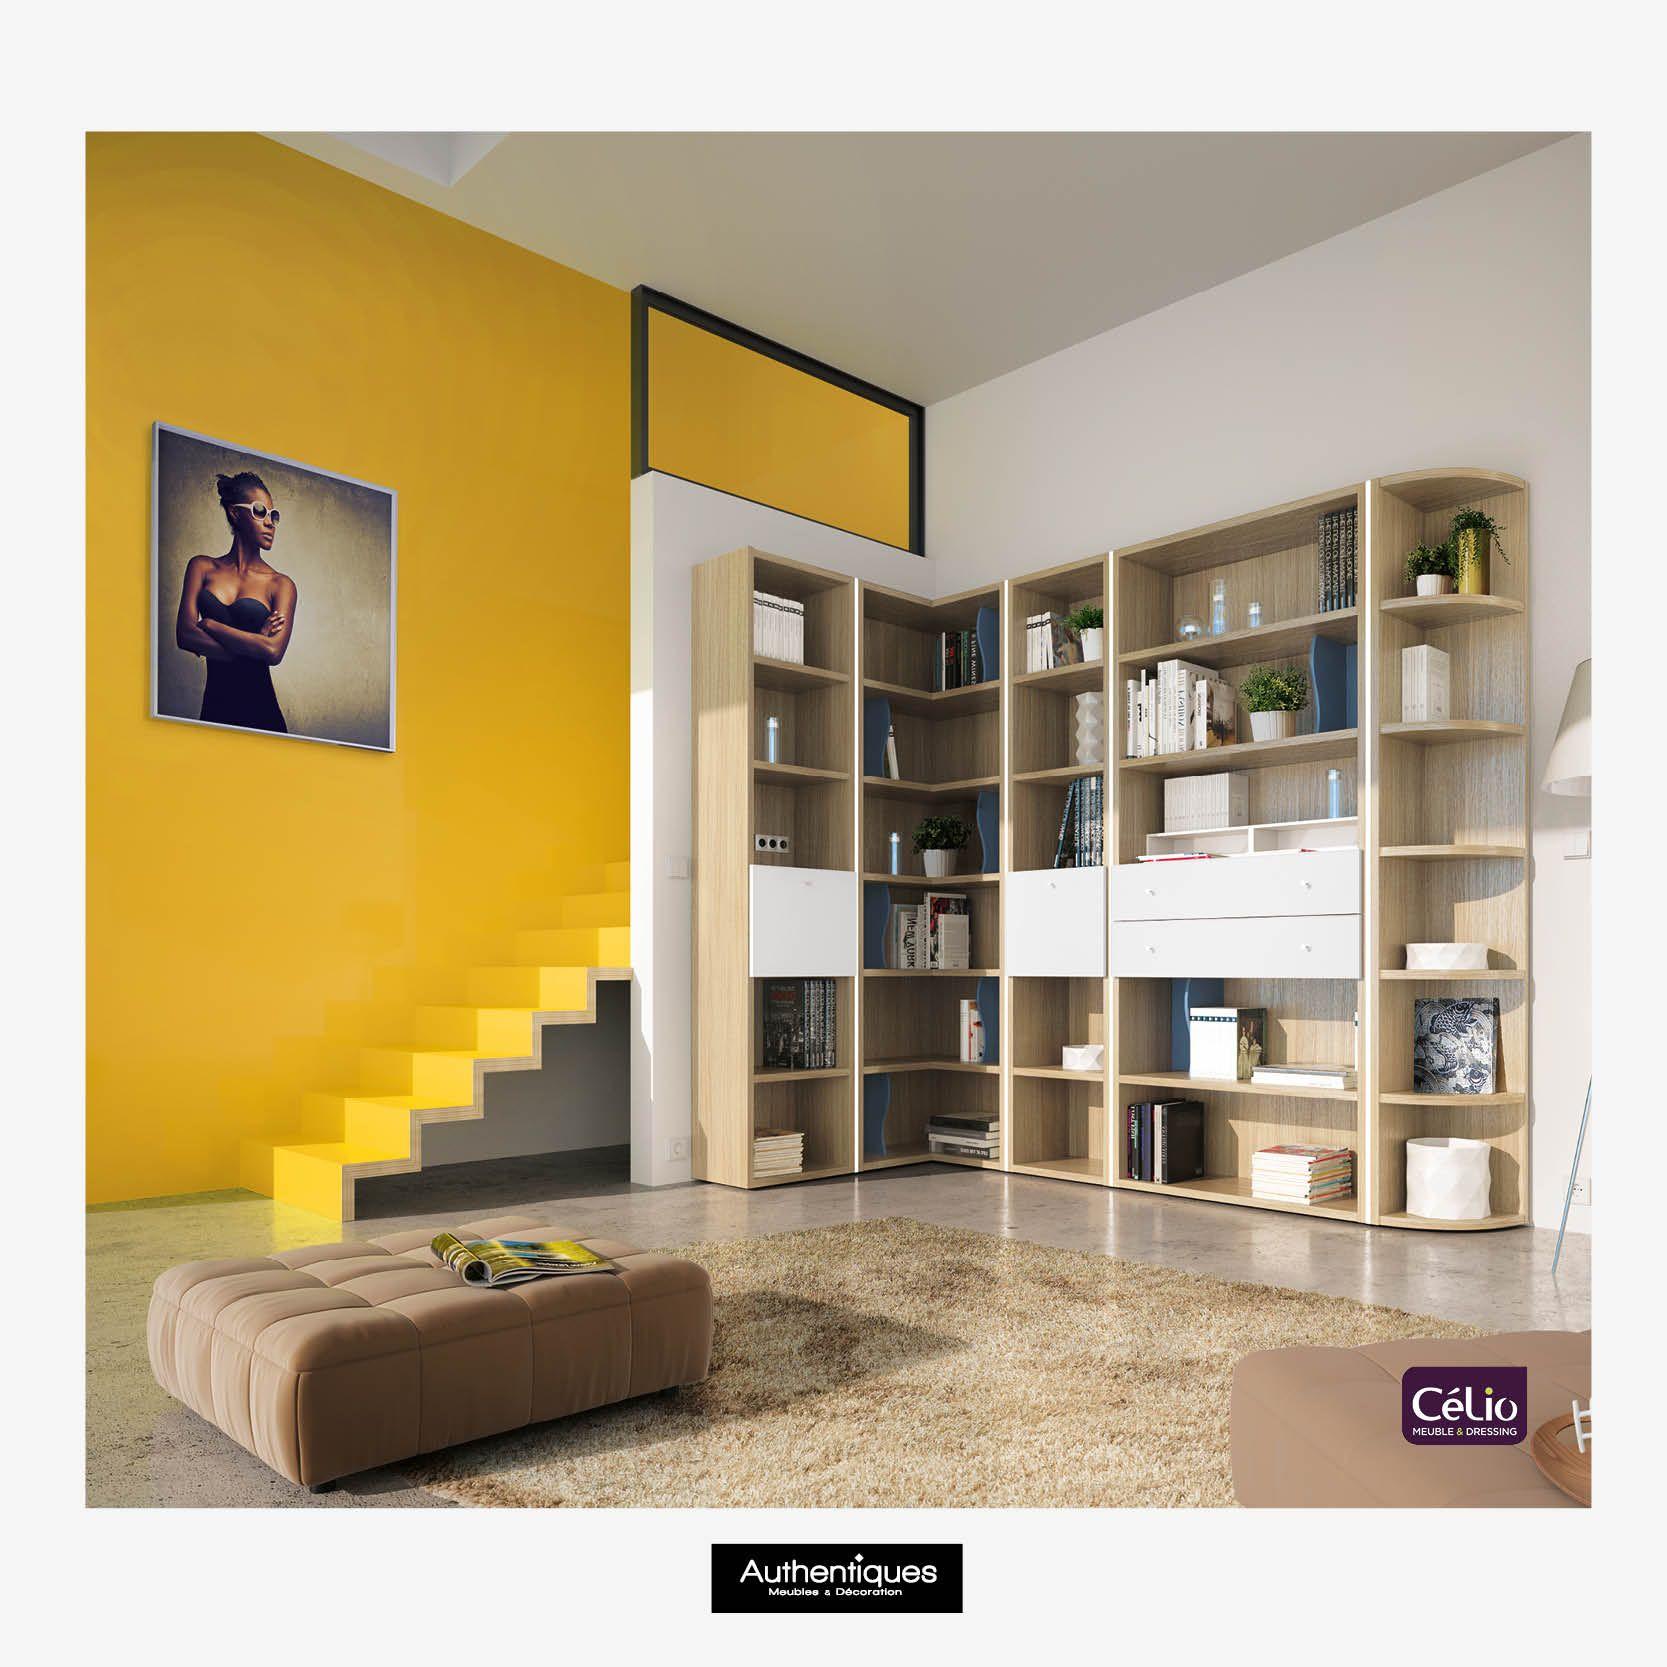 Idée couleur de mur.  La bibliothèque de chez Célio : composez et créez vous même votre bibliothèque.  #jaune #inspiration #bleu #jaune #beige #conseil #idées #couleur #peinture #meubles #déco #tendance #design #inspiration #astuce #love #bienchezsoi #AuthentiquesFrance #Authentiques